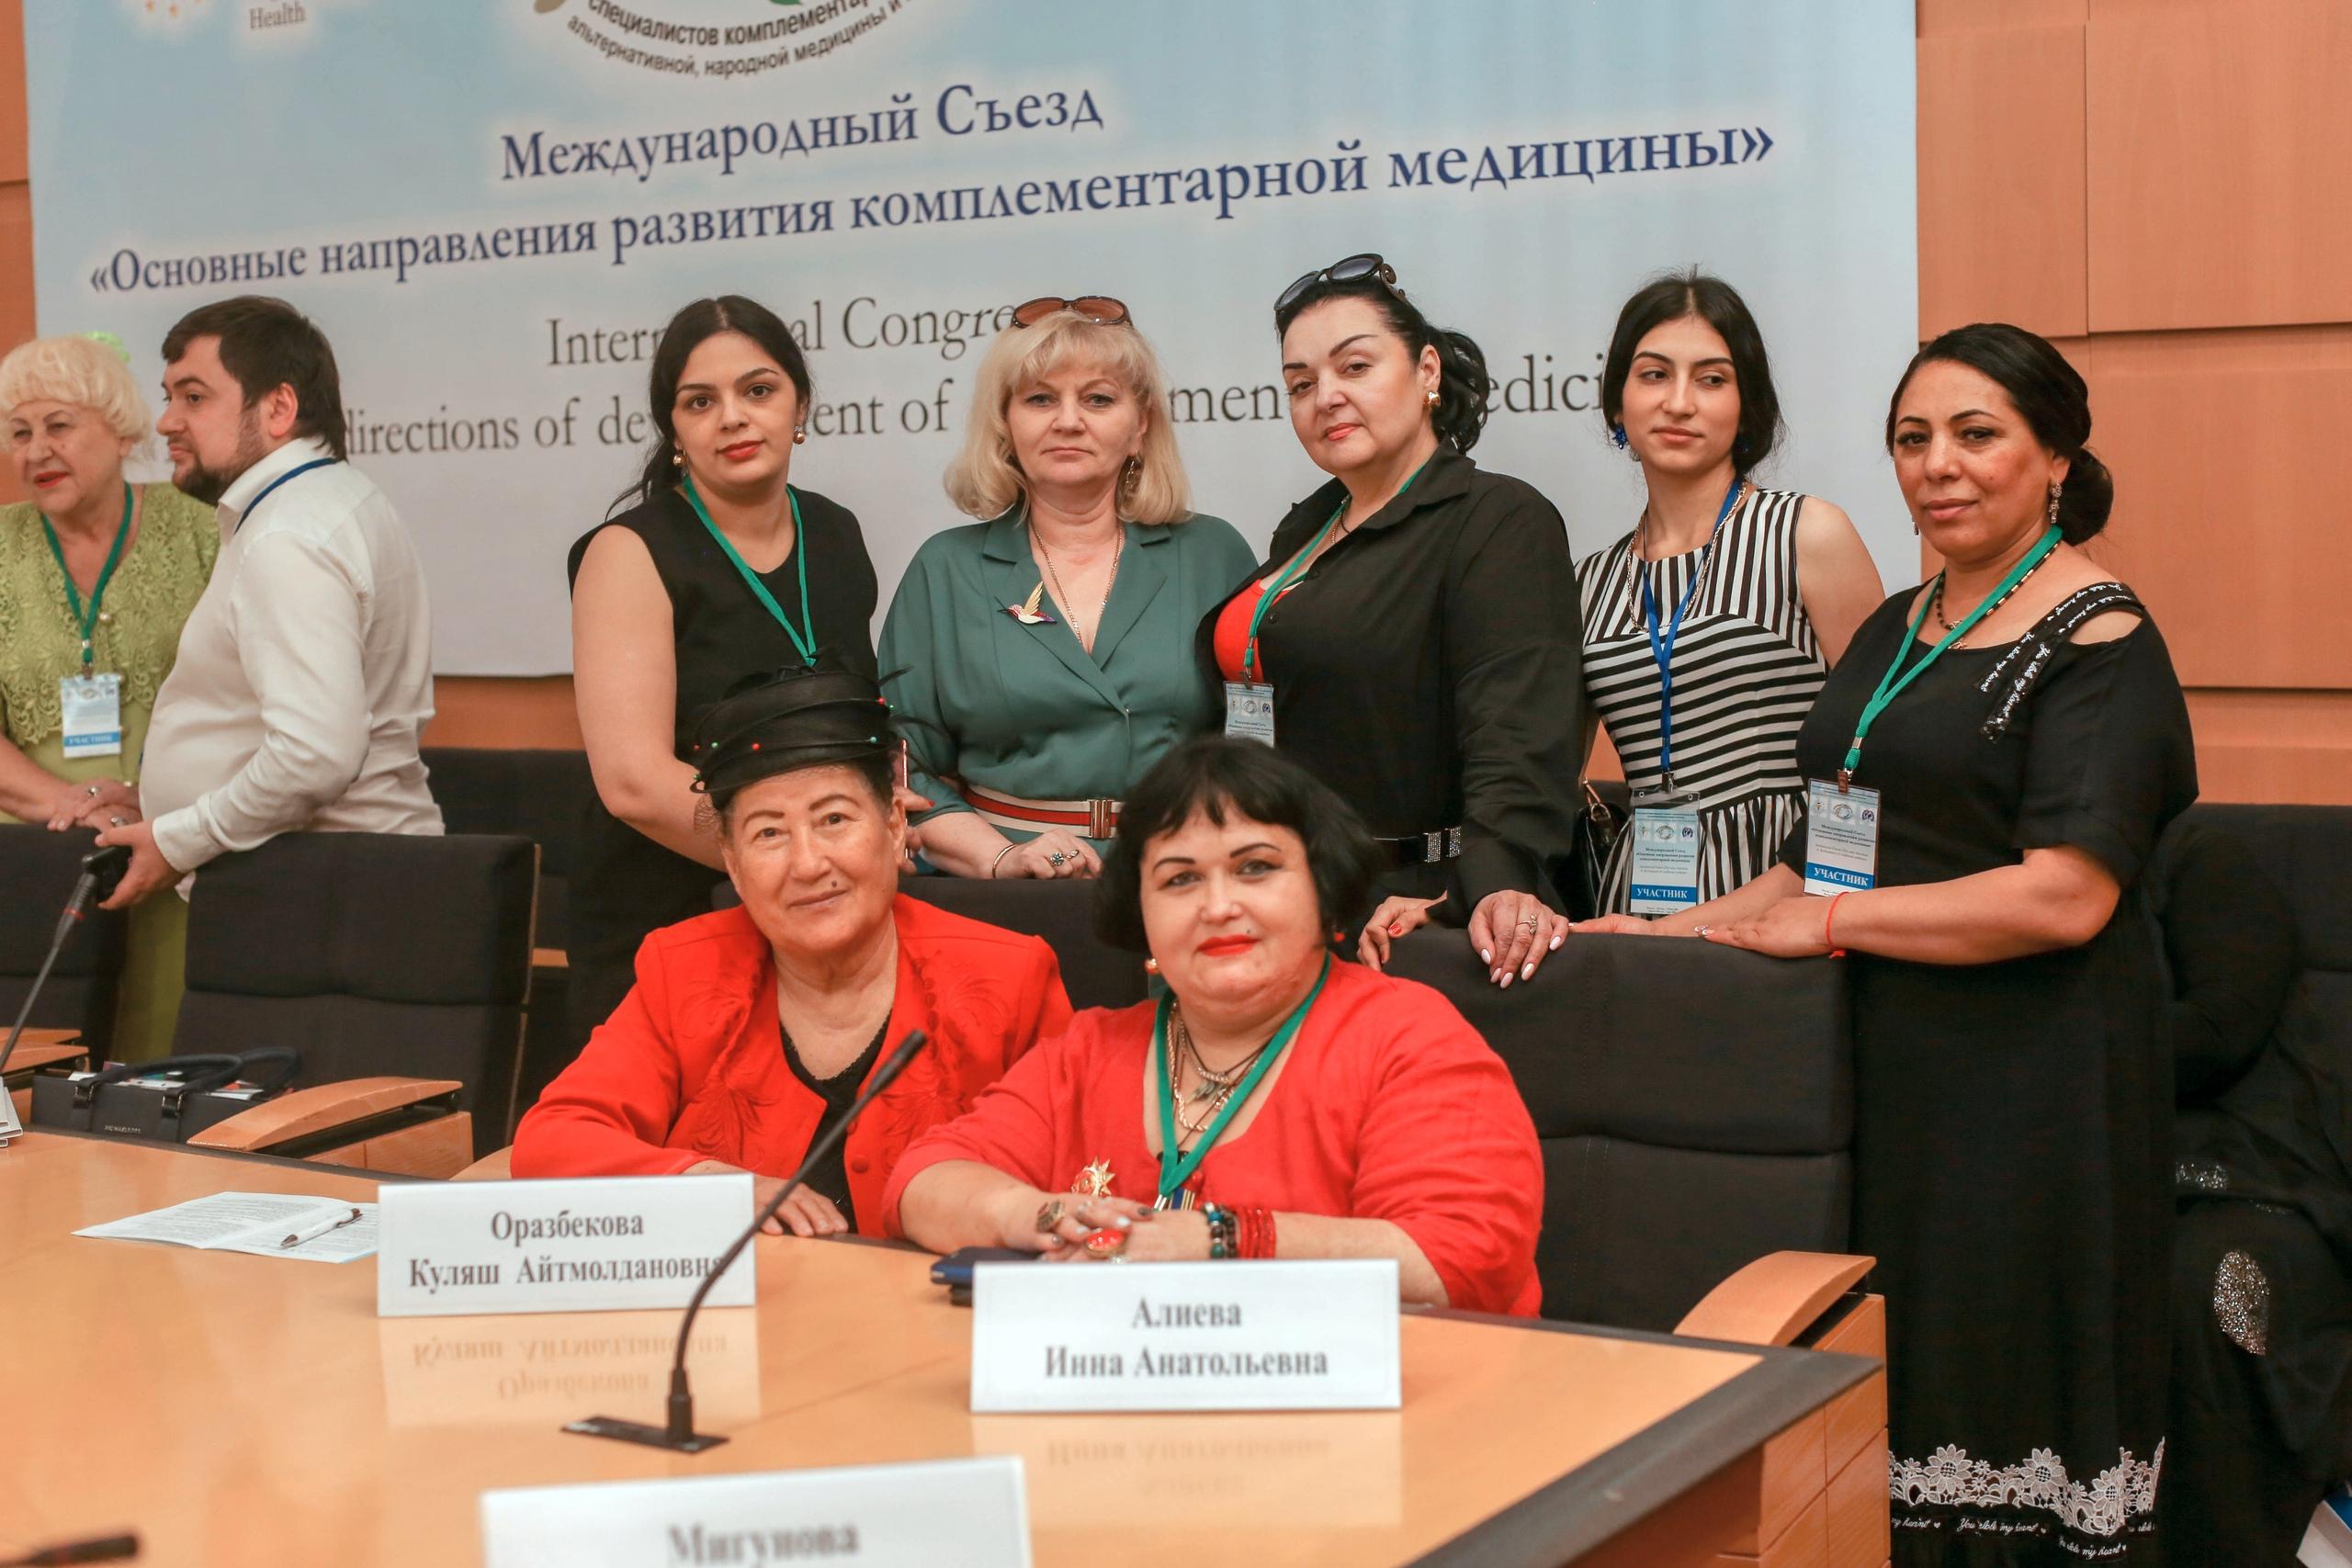 WN MtPiXVeY - Состоялась Международная Конференция в Доме Правительства 7 июня 2019г.